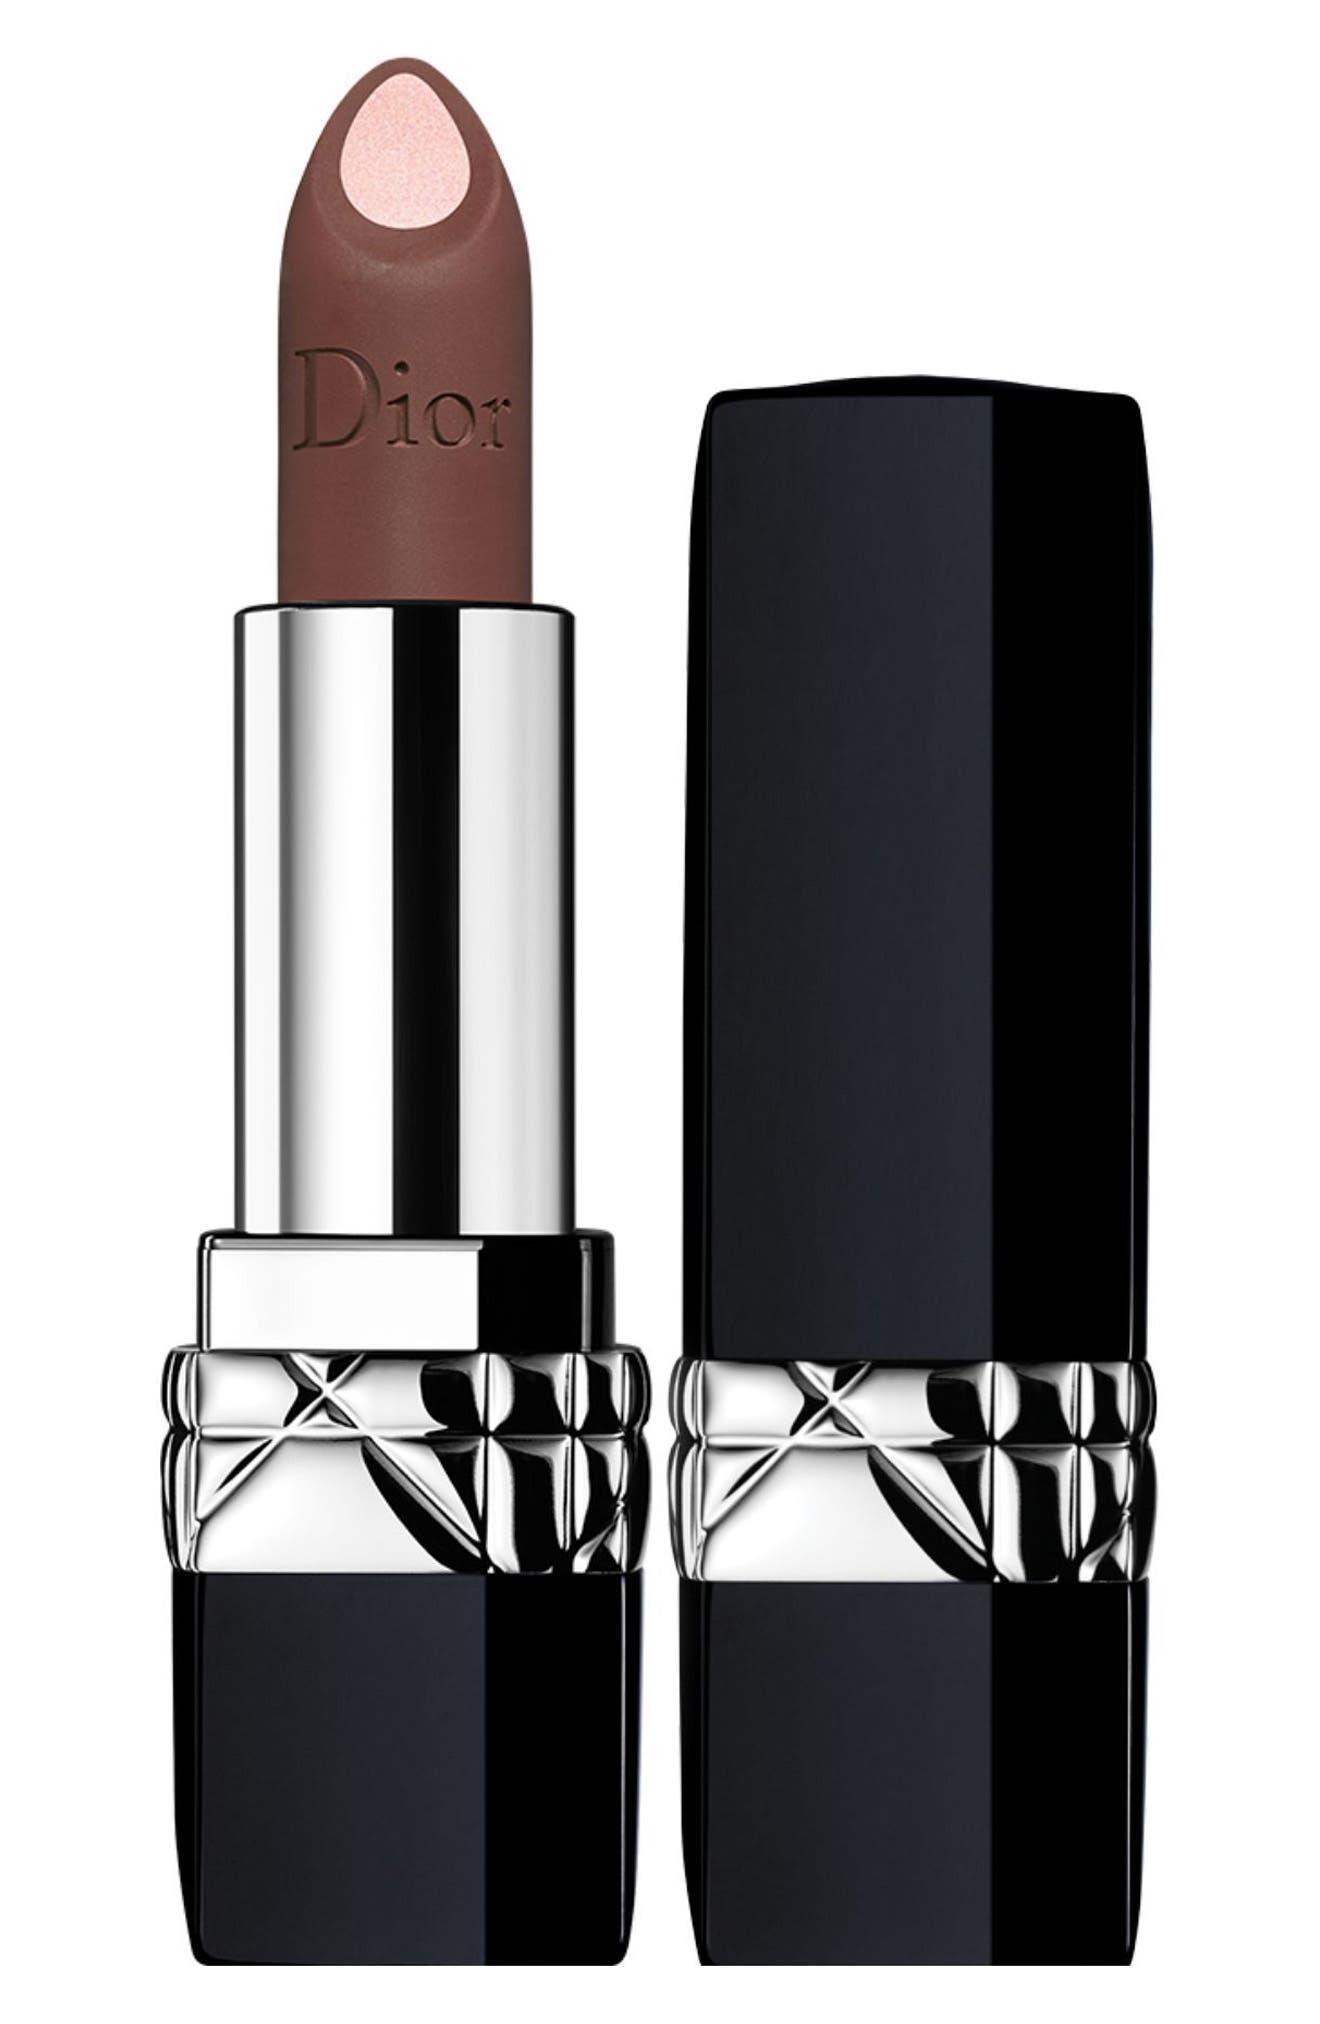 Rouge Dior Double Rouge Matte Metal Colour & Couture Contour Lipstick,                             Main thumbnail 1, color,                             510 JUNGLE BEIGE